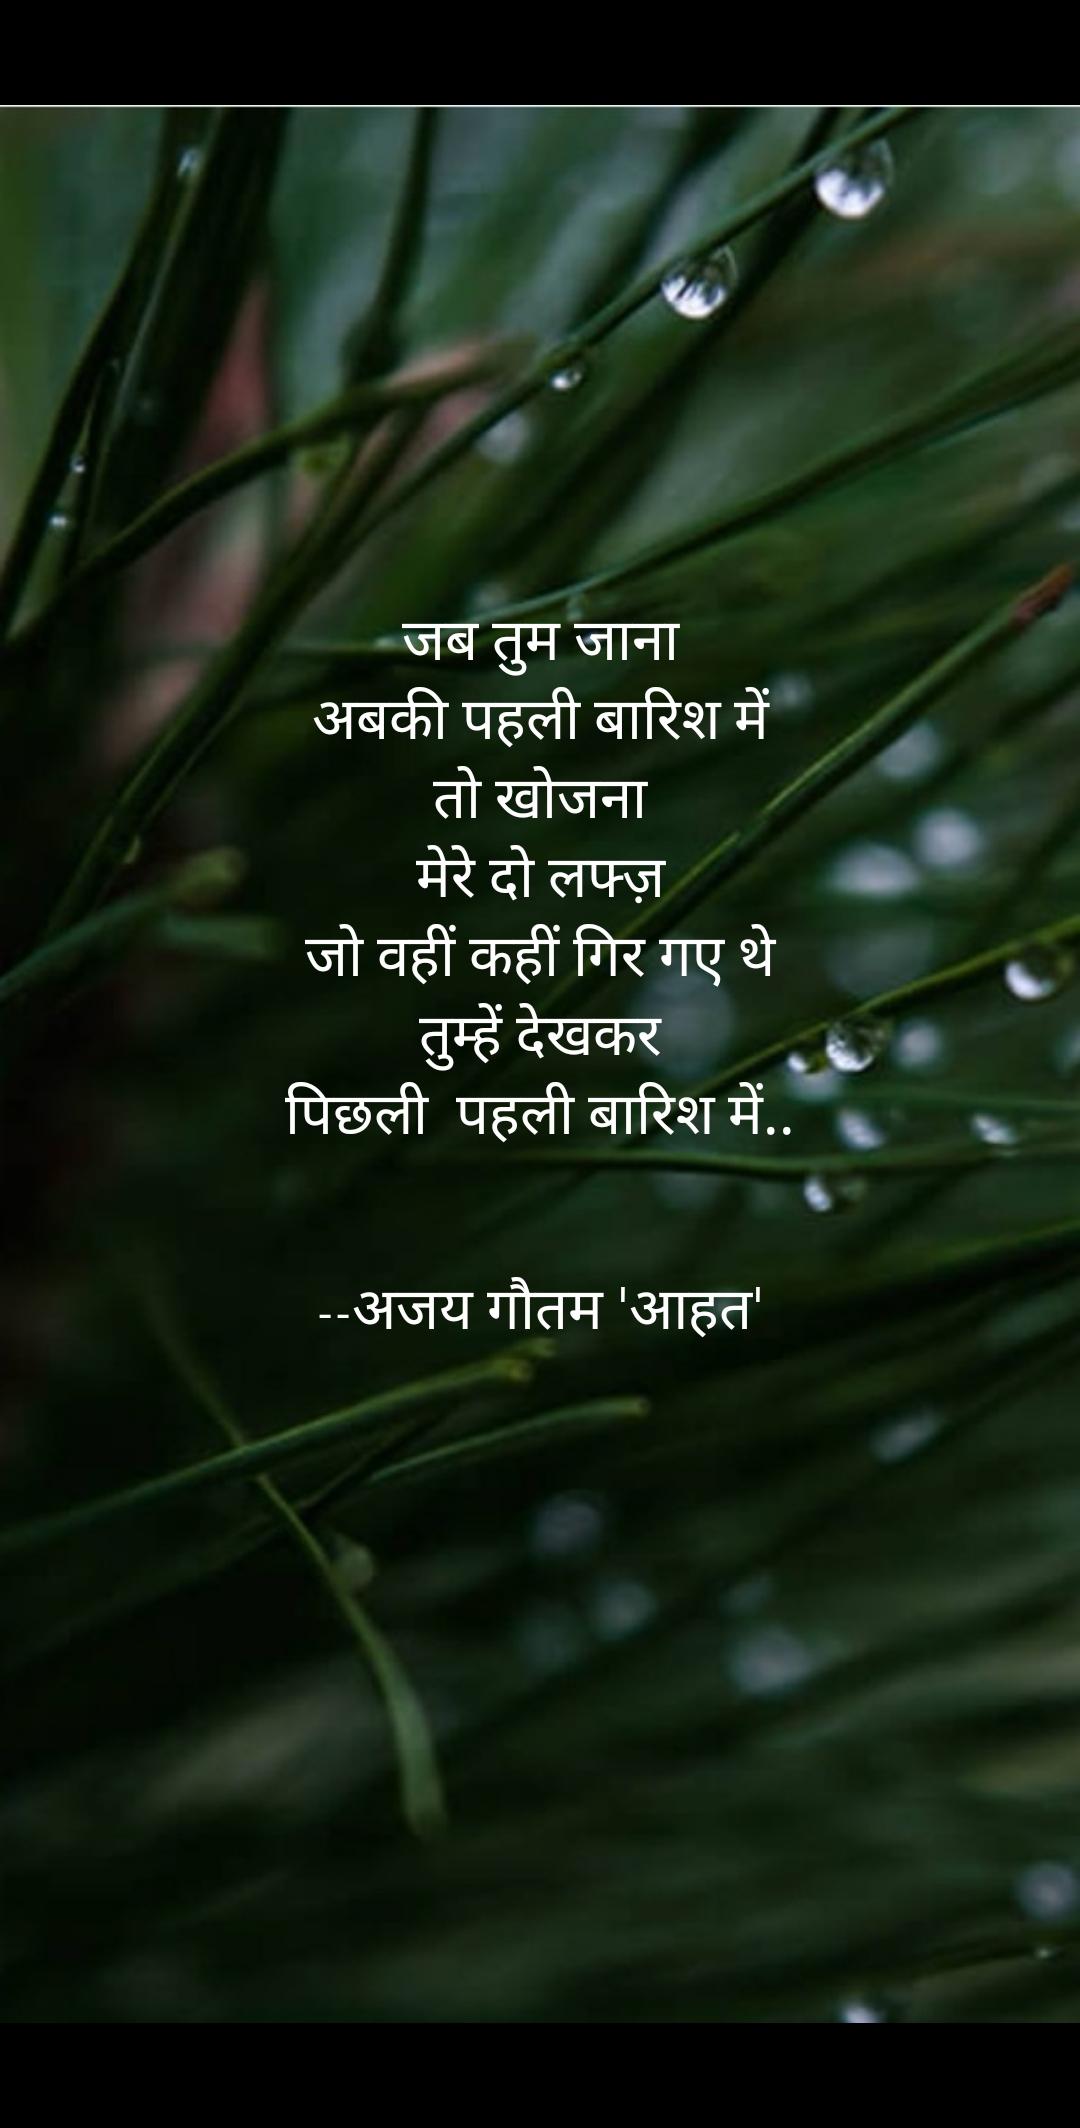 जब तुम जाना अबकी पहली बारिश में तो खोजना मेरे दो लफ्ज़ जो वहीं कहीं गिर गए थे तुम्हें देखकर पिछली  पहली बारिश में..        --अजय गौतम 'आहत'